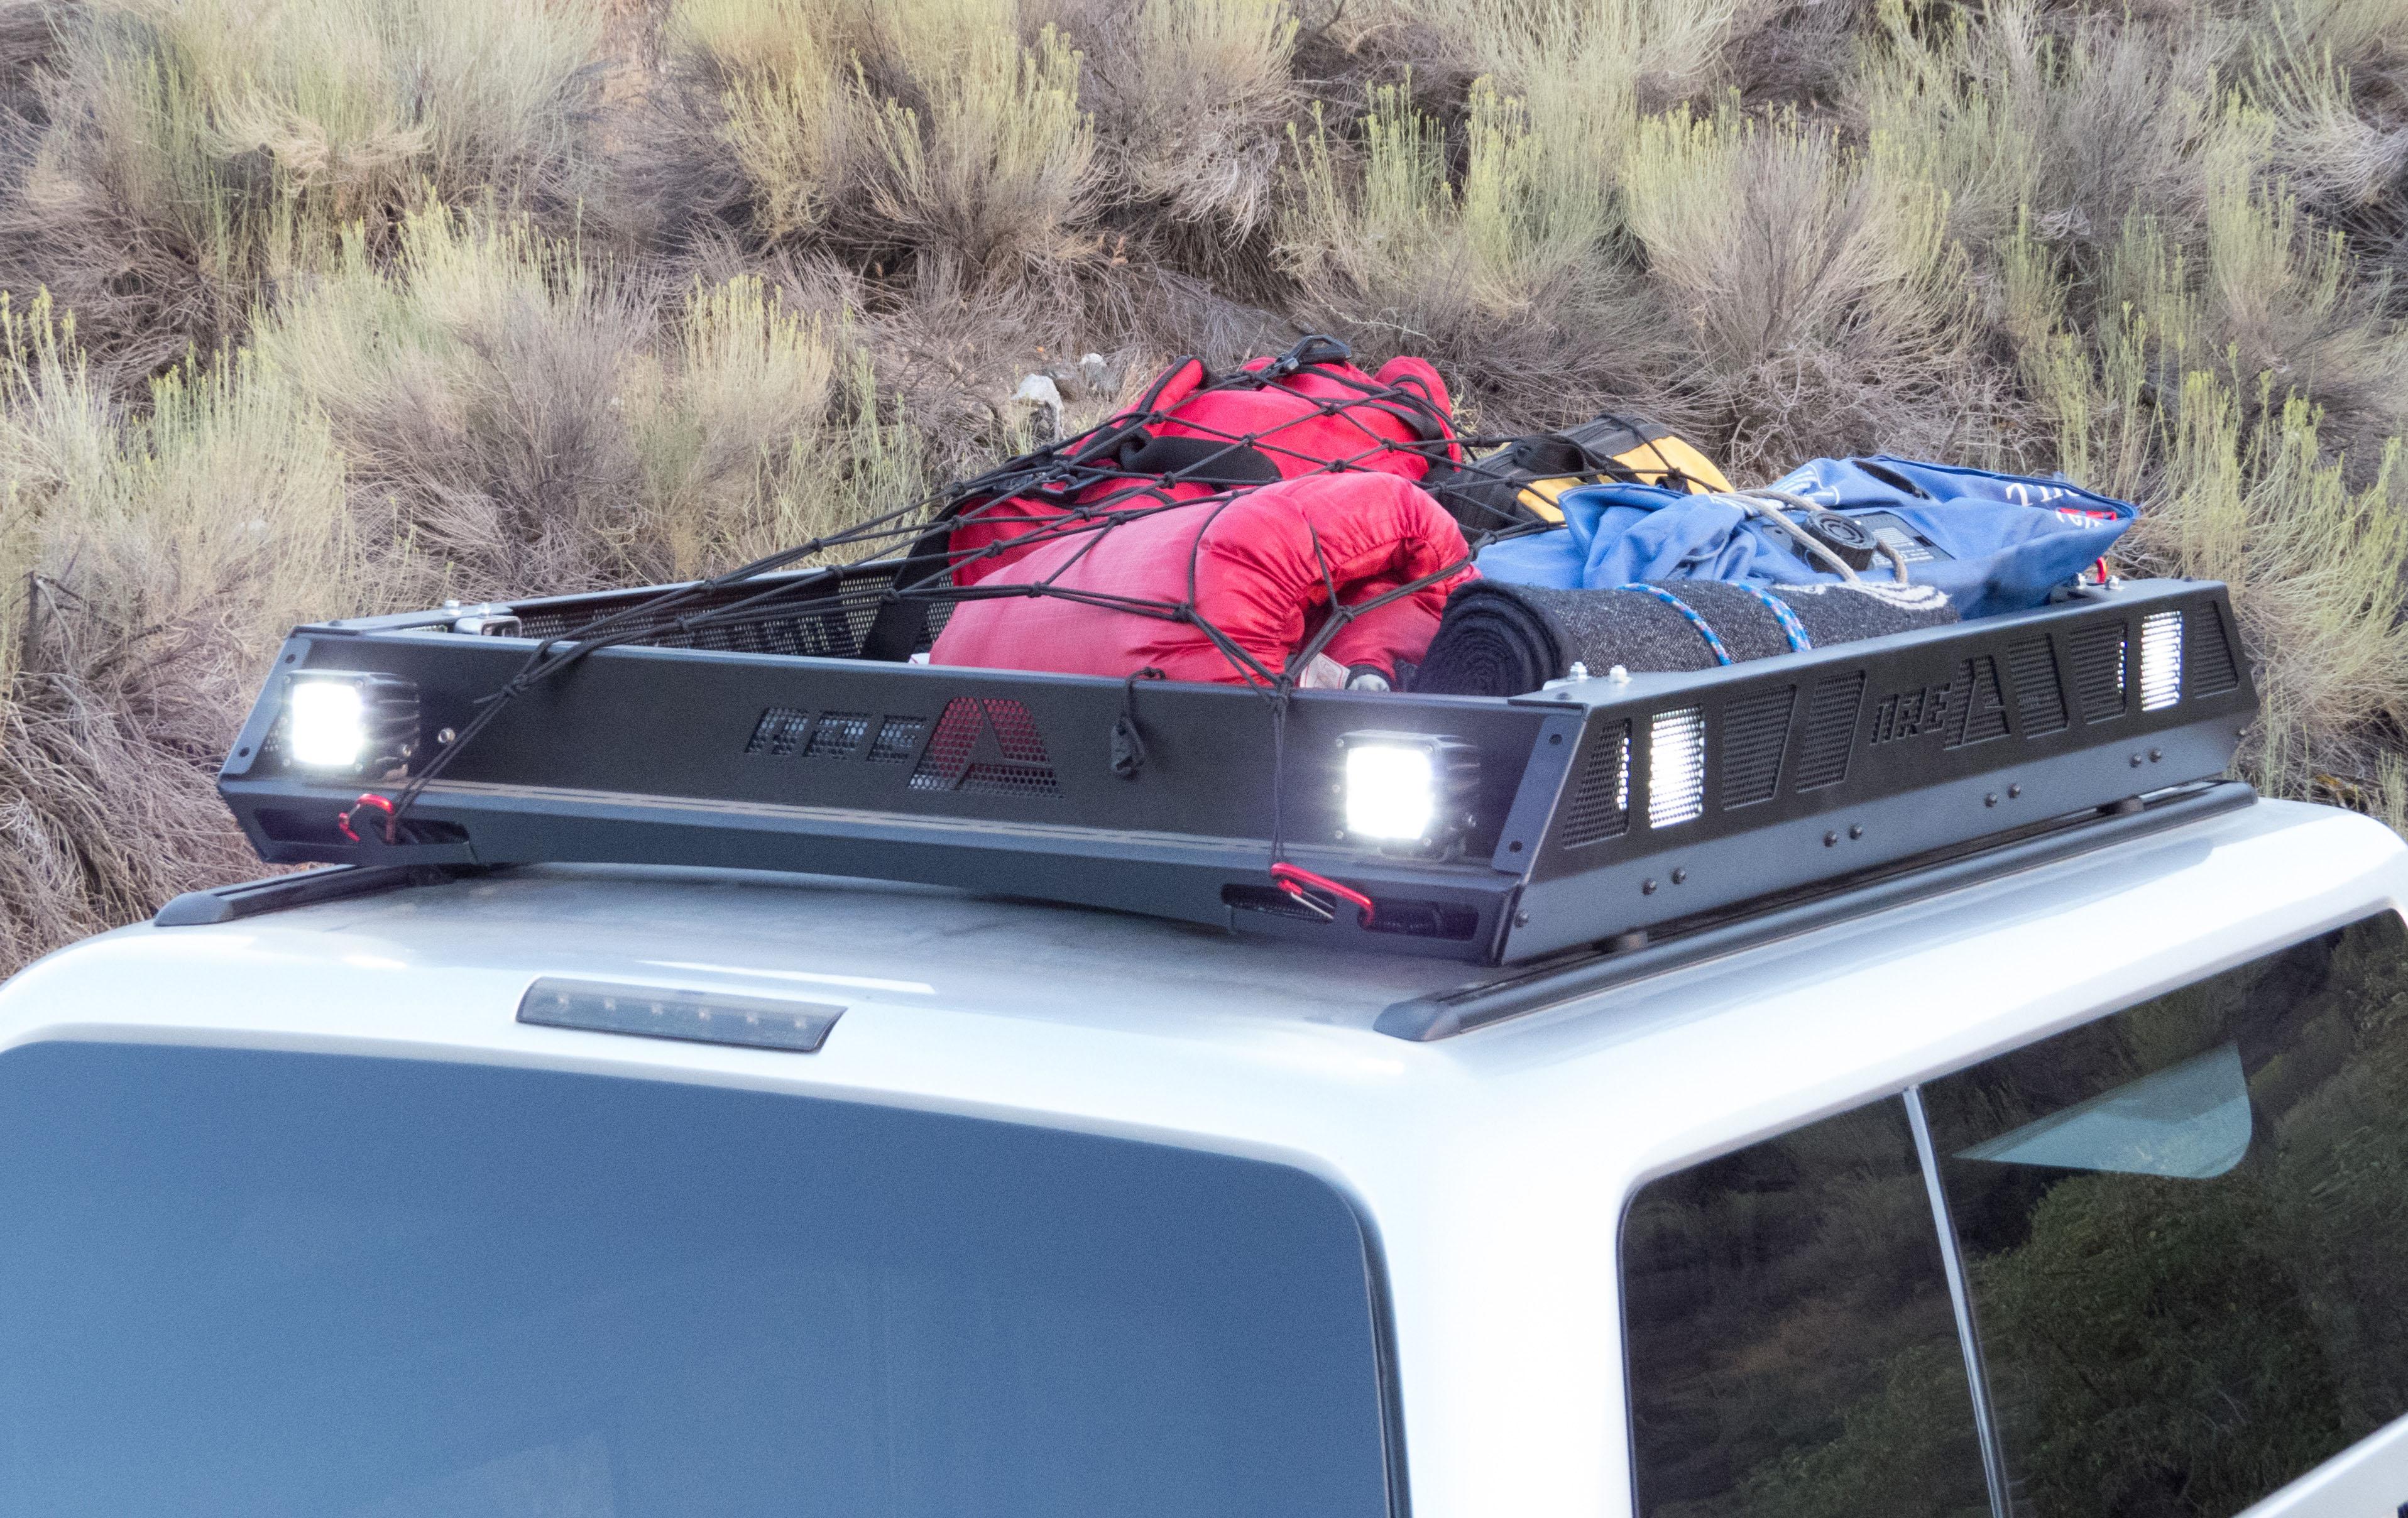 A.R.E. truck accessories Ascend and Rival